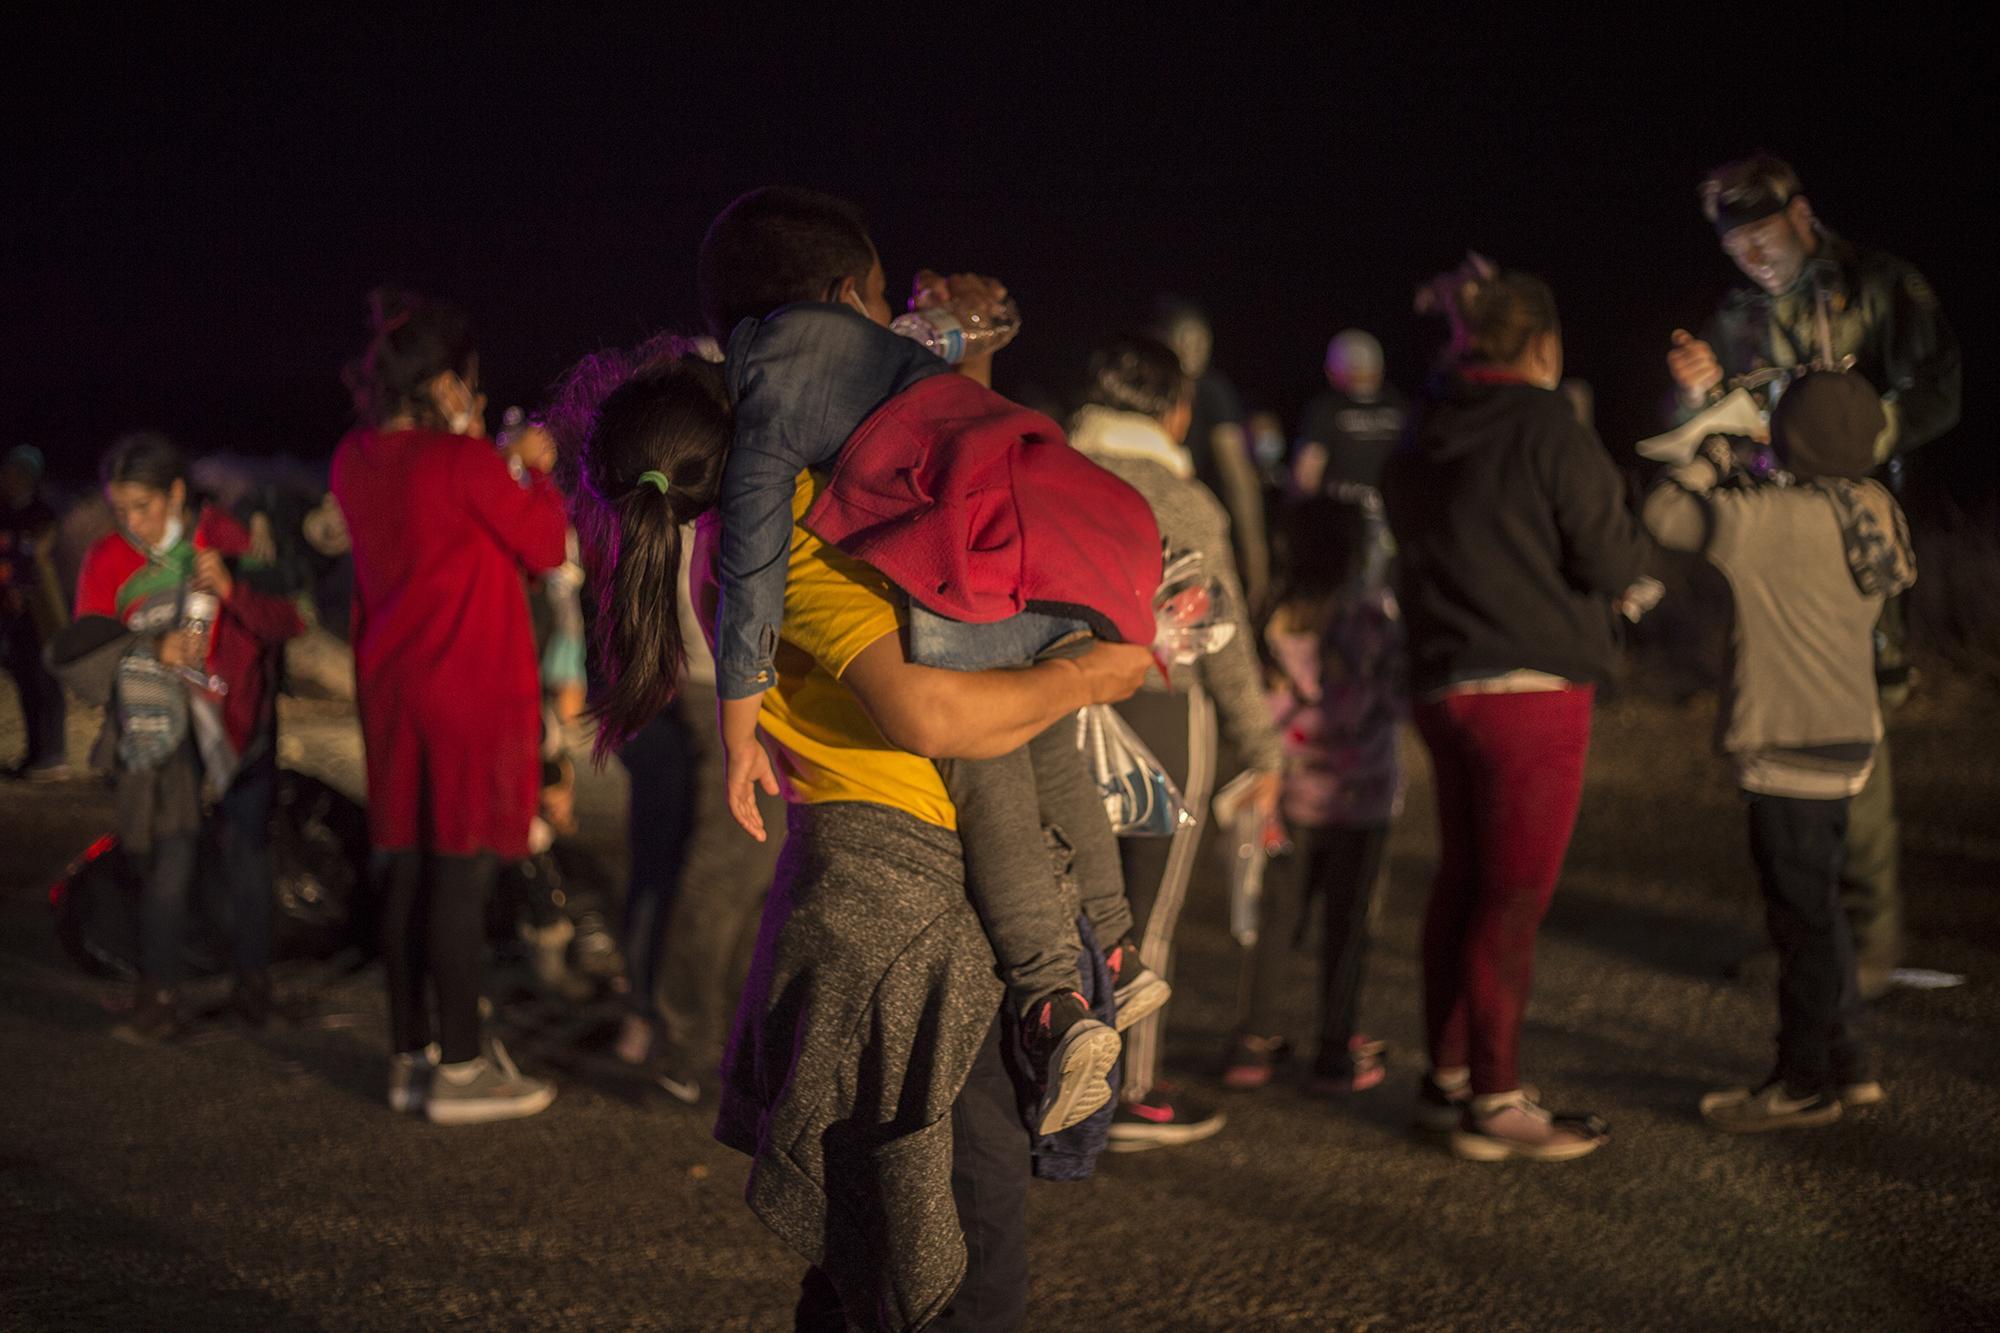 El viernes 26 de marzo, en el transcurso de cuatro horas, alrededor de 300 adultos ingresaron de manera indocumentada por el paso fronterizo entre la ciudad de Miguel Alemán, en el estado de Tamaulipas, México, y la ciudad de Roma, en el Estado de Texas, Estados Unidos. Cada persona se hacía acompañar de uno o dos menores que salieron para entregarse a la Patrulla Fronteriza. En ese mismo grupo, había también unos 20 menores que viajaban solos.